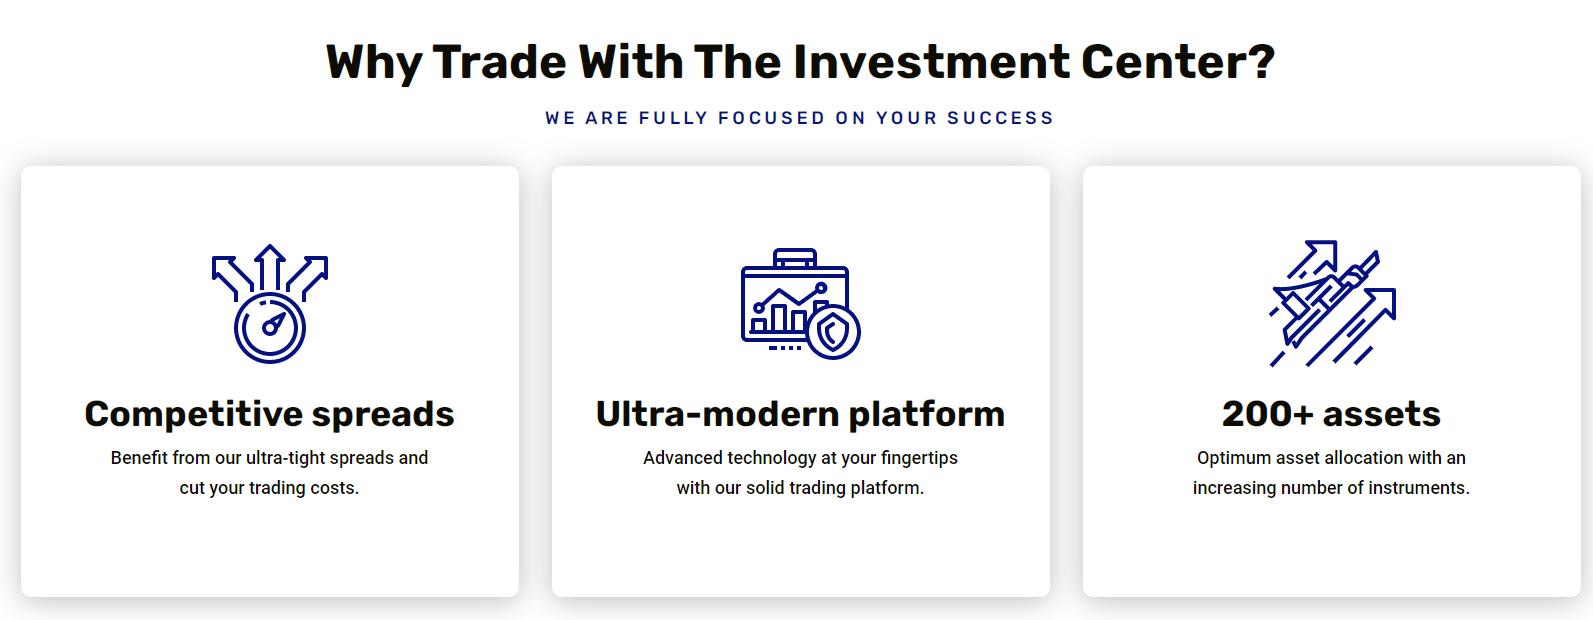 Investment Center